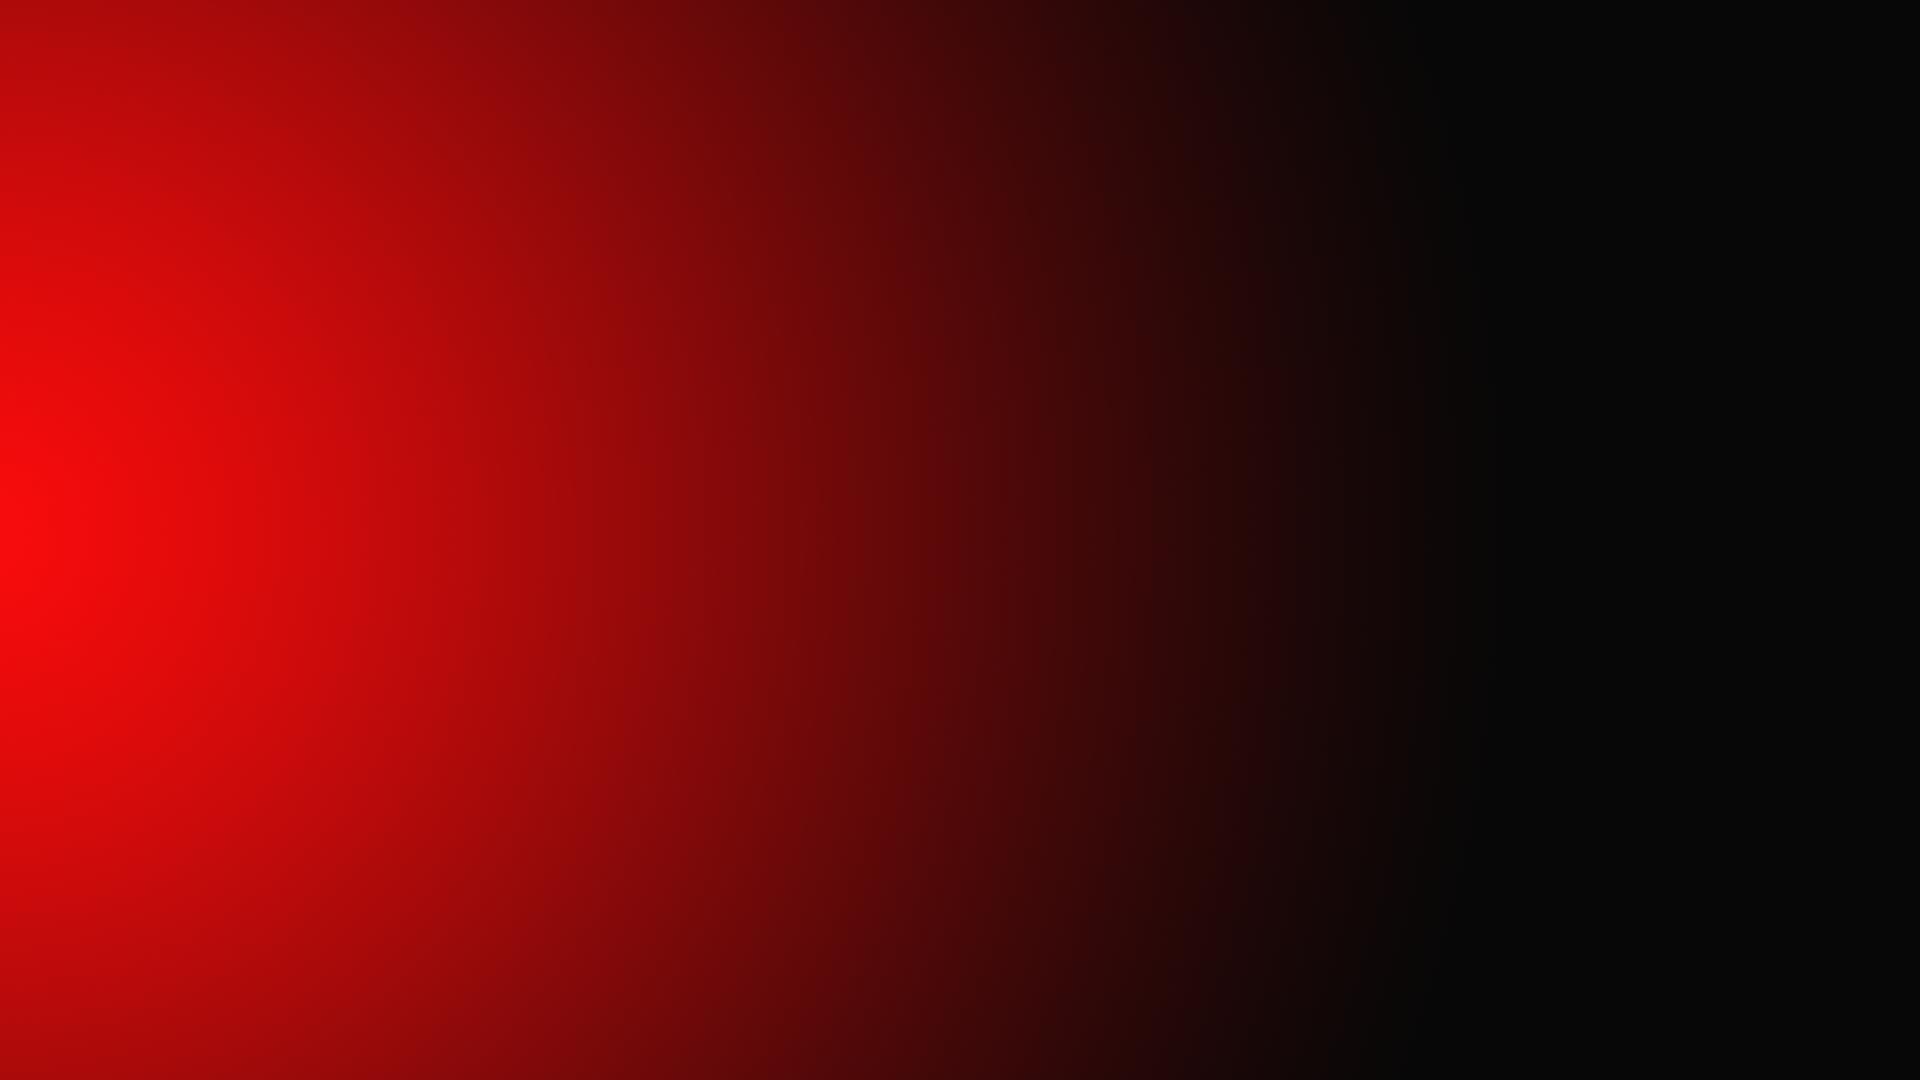 black wallpaper desktop gradient red horizontal desktop 1920x1080